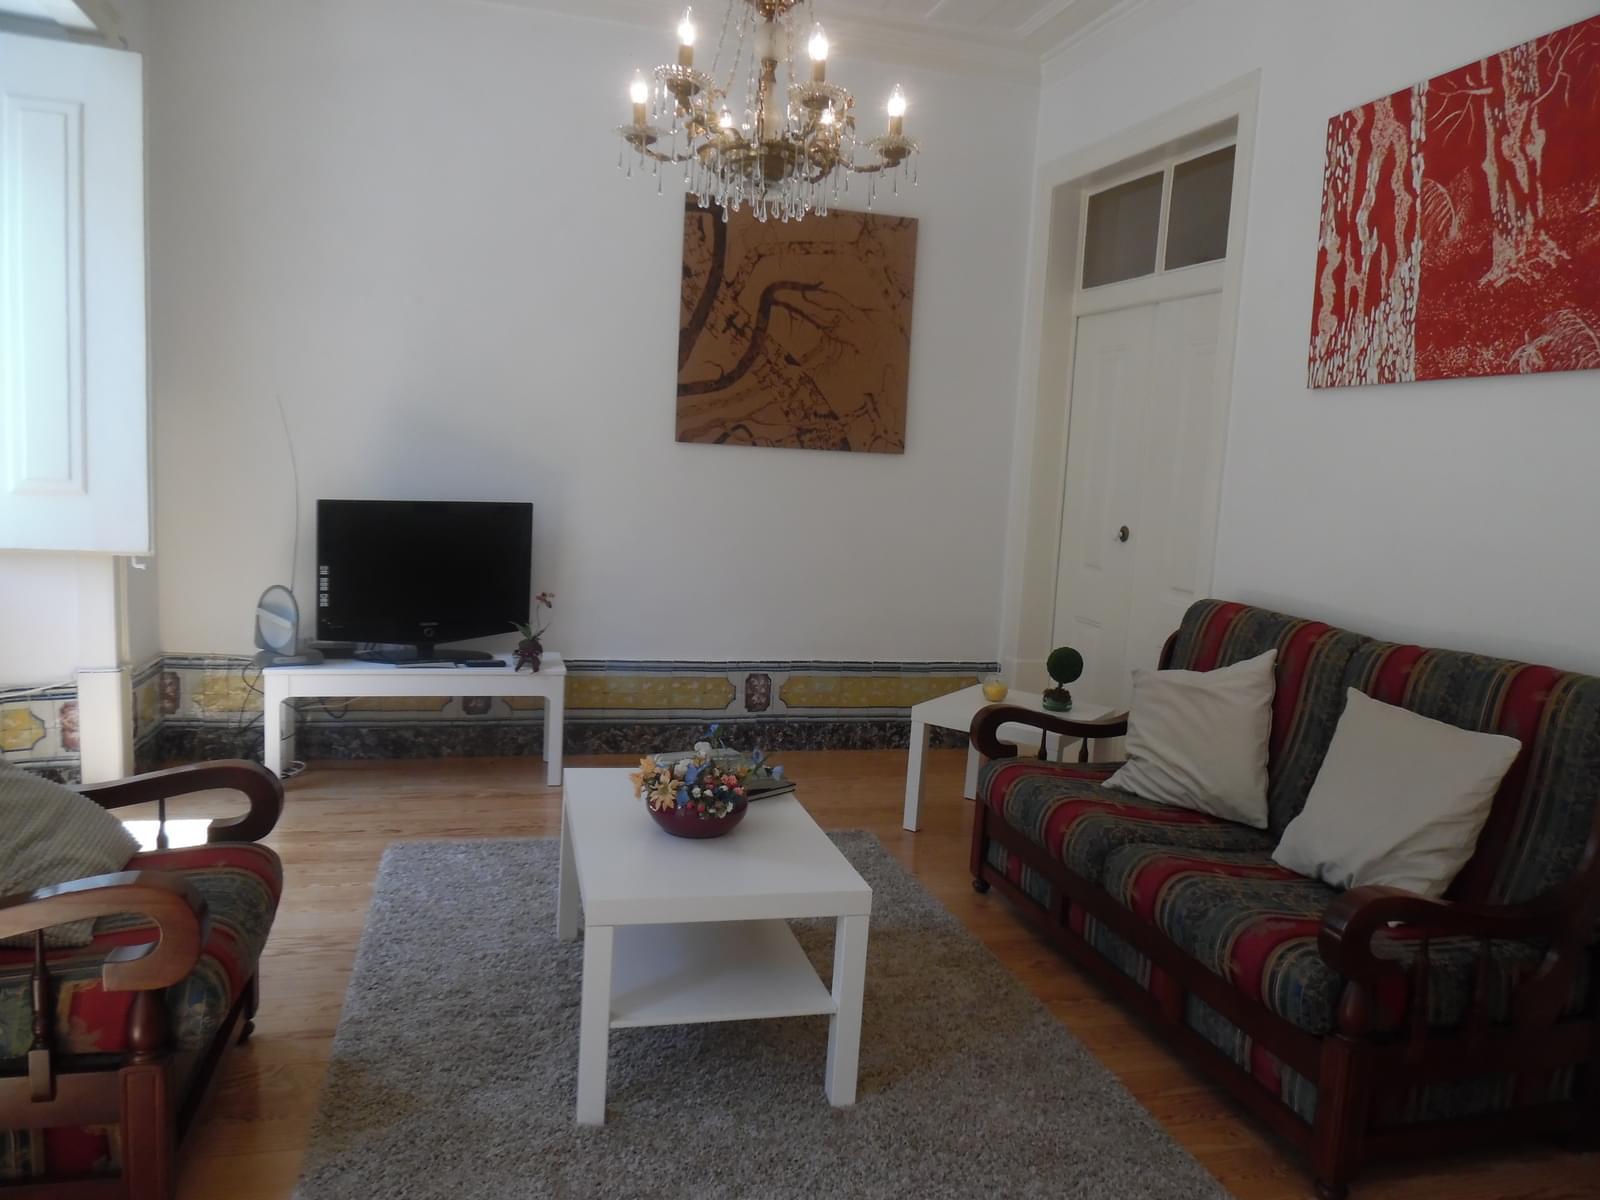 pf17147-apartamento-t2-lisboa-e8f08d12-493a-4649-b6ba-27c696412d08